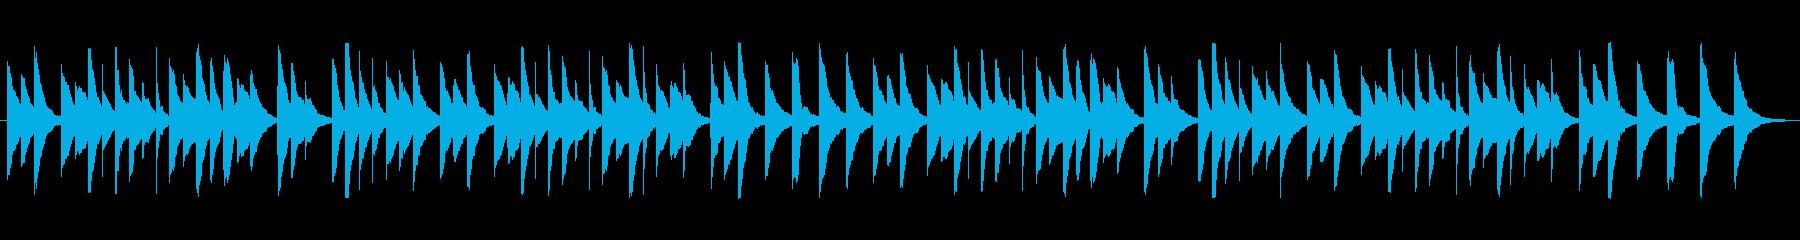 シンプルで優しいオルゴール曲の再生済みの波形